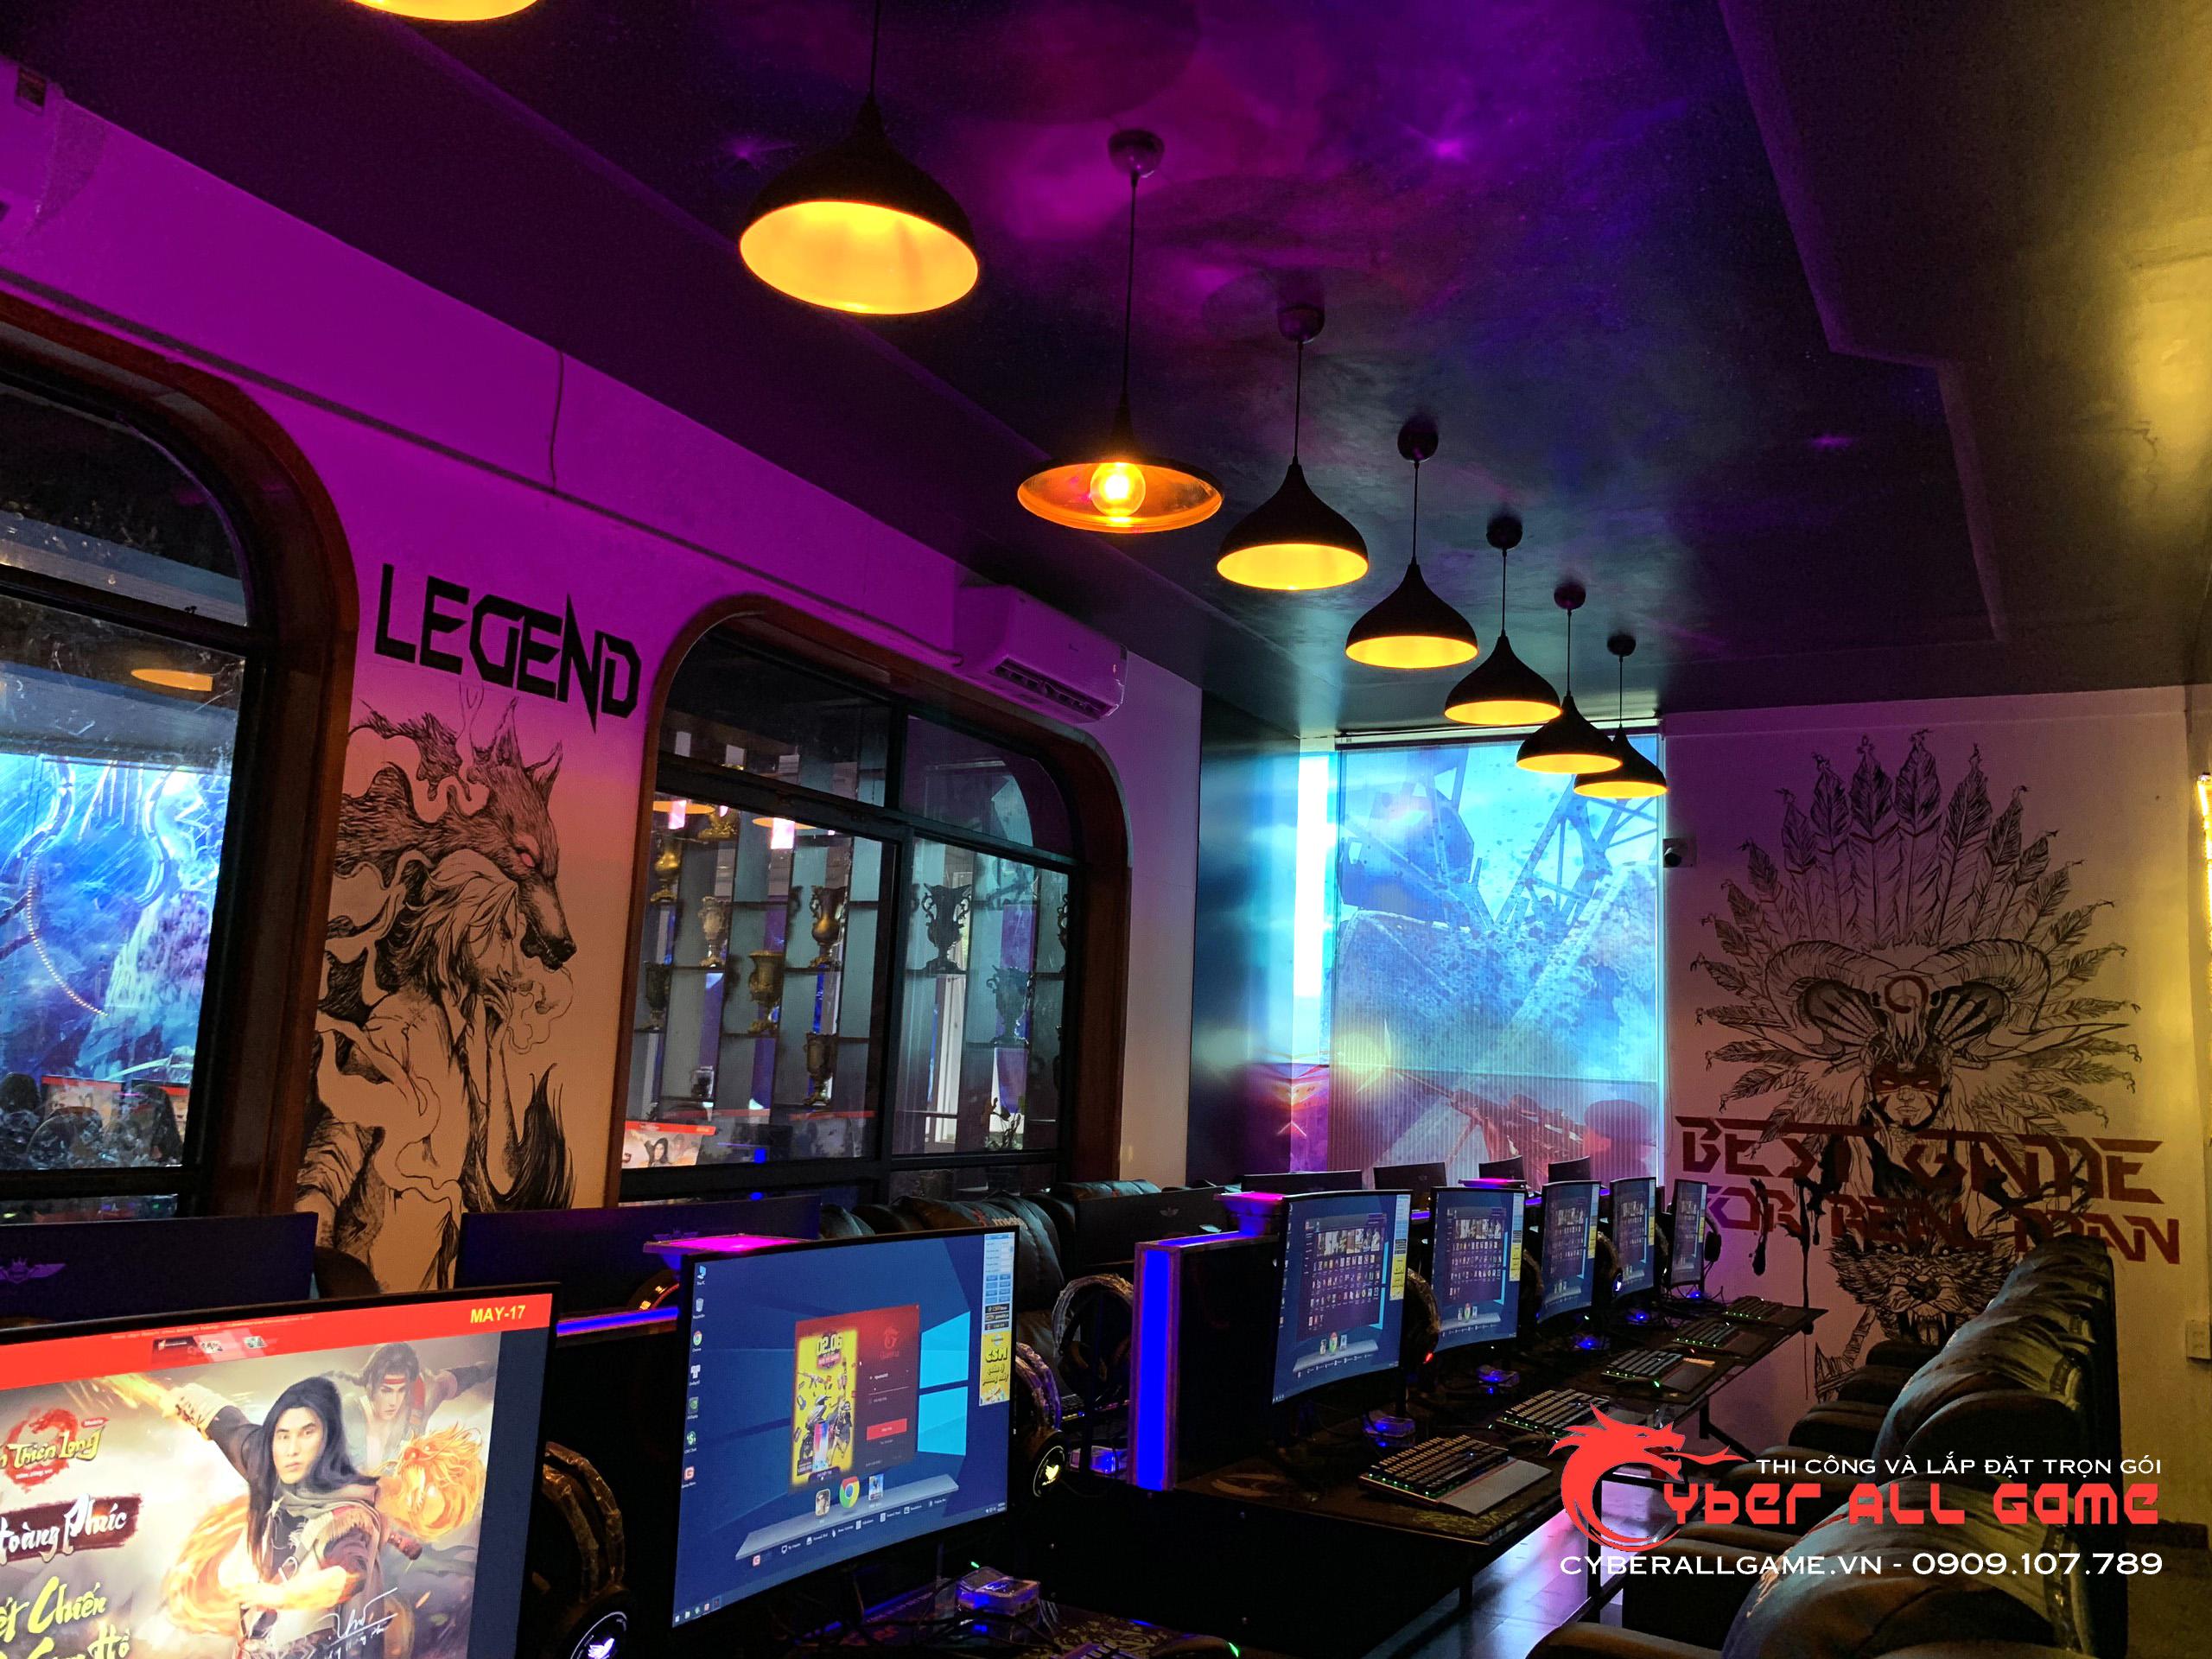 cấu hình máy tính kinh doanh phòng game năm 2021